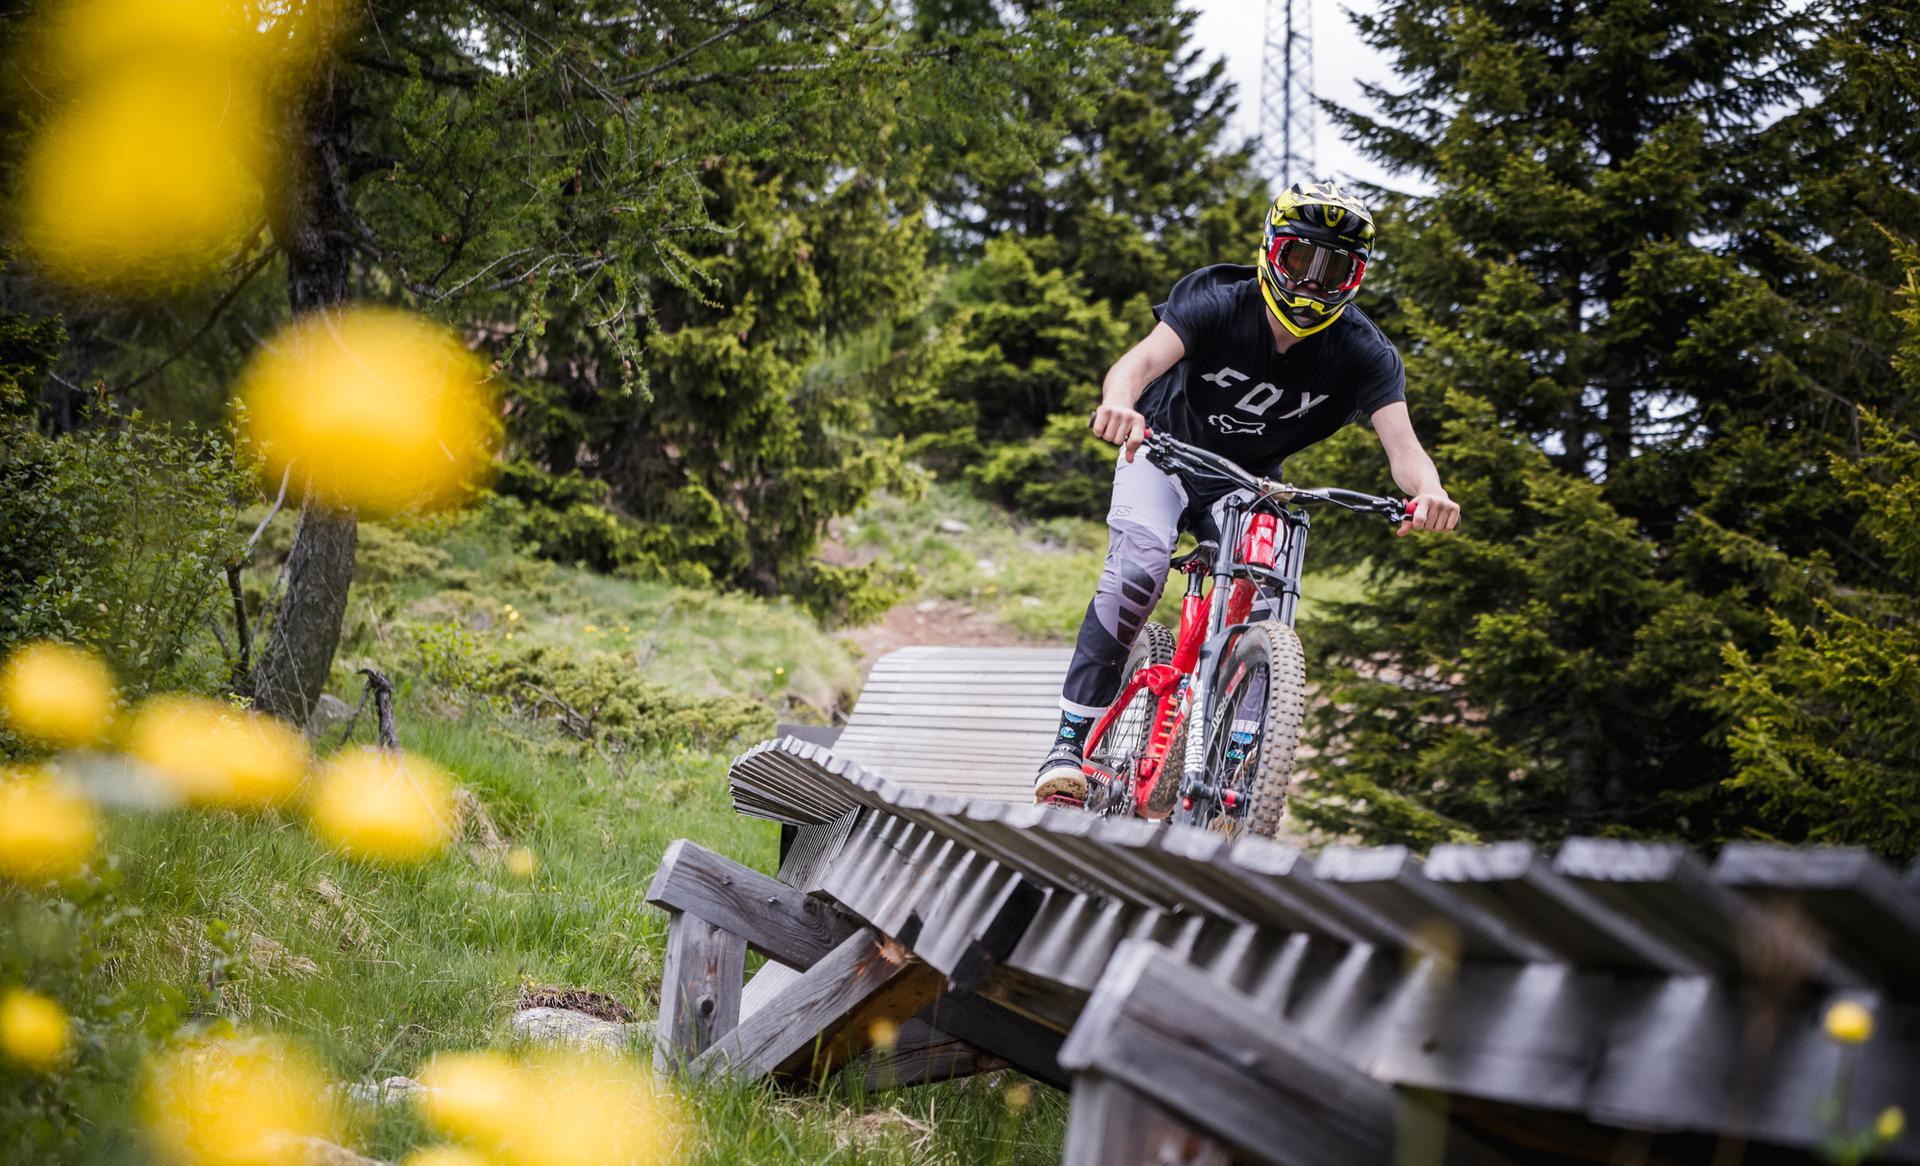 BikePark Tonale